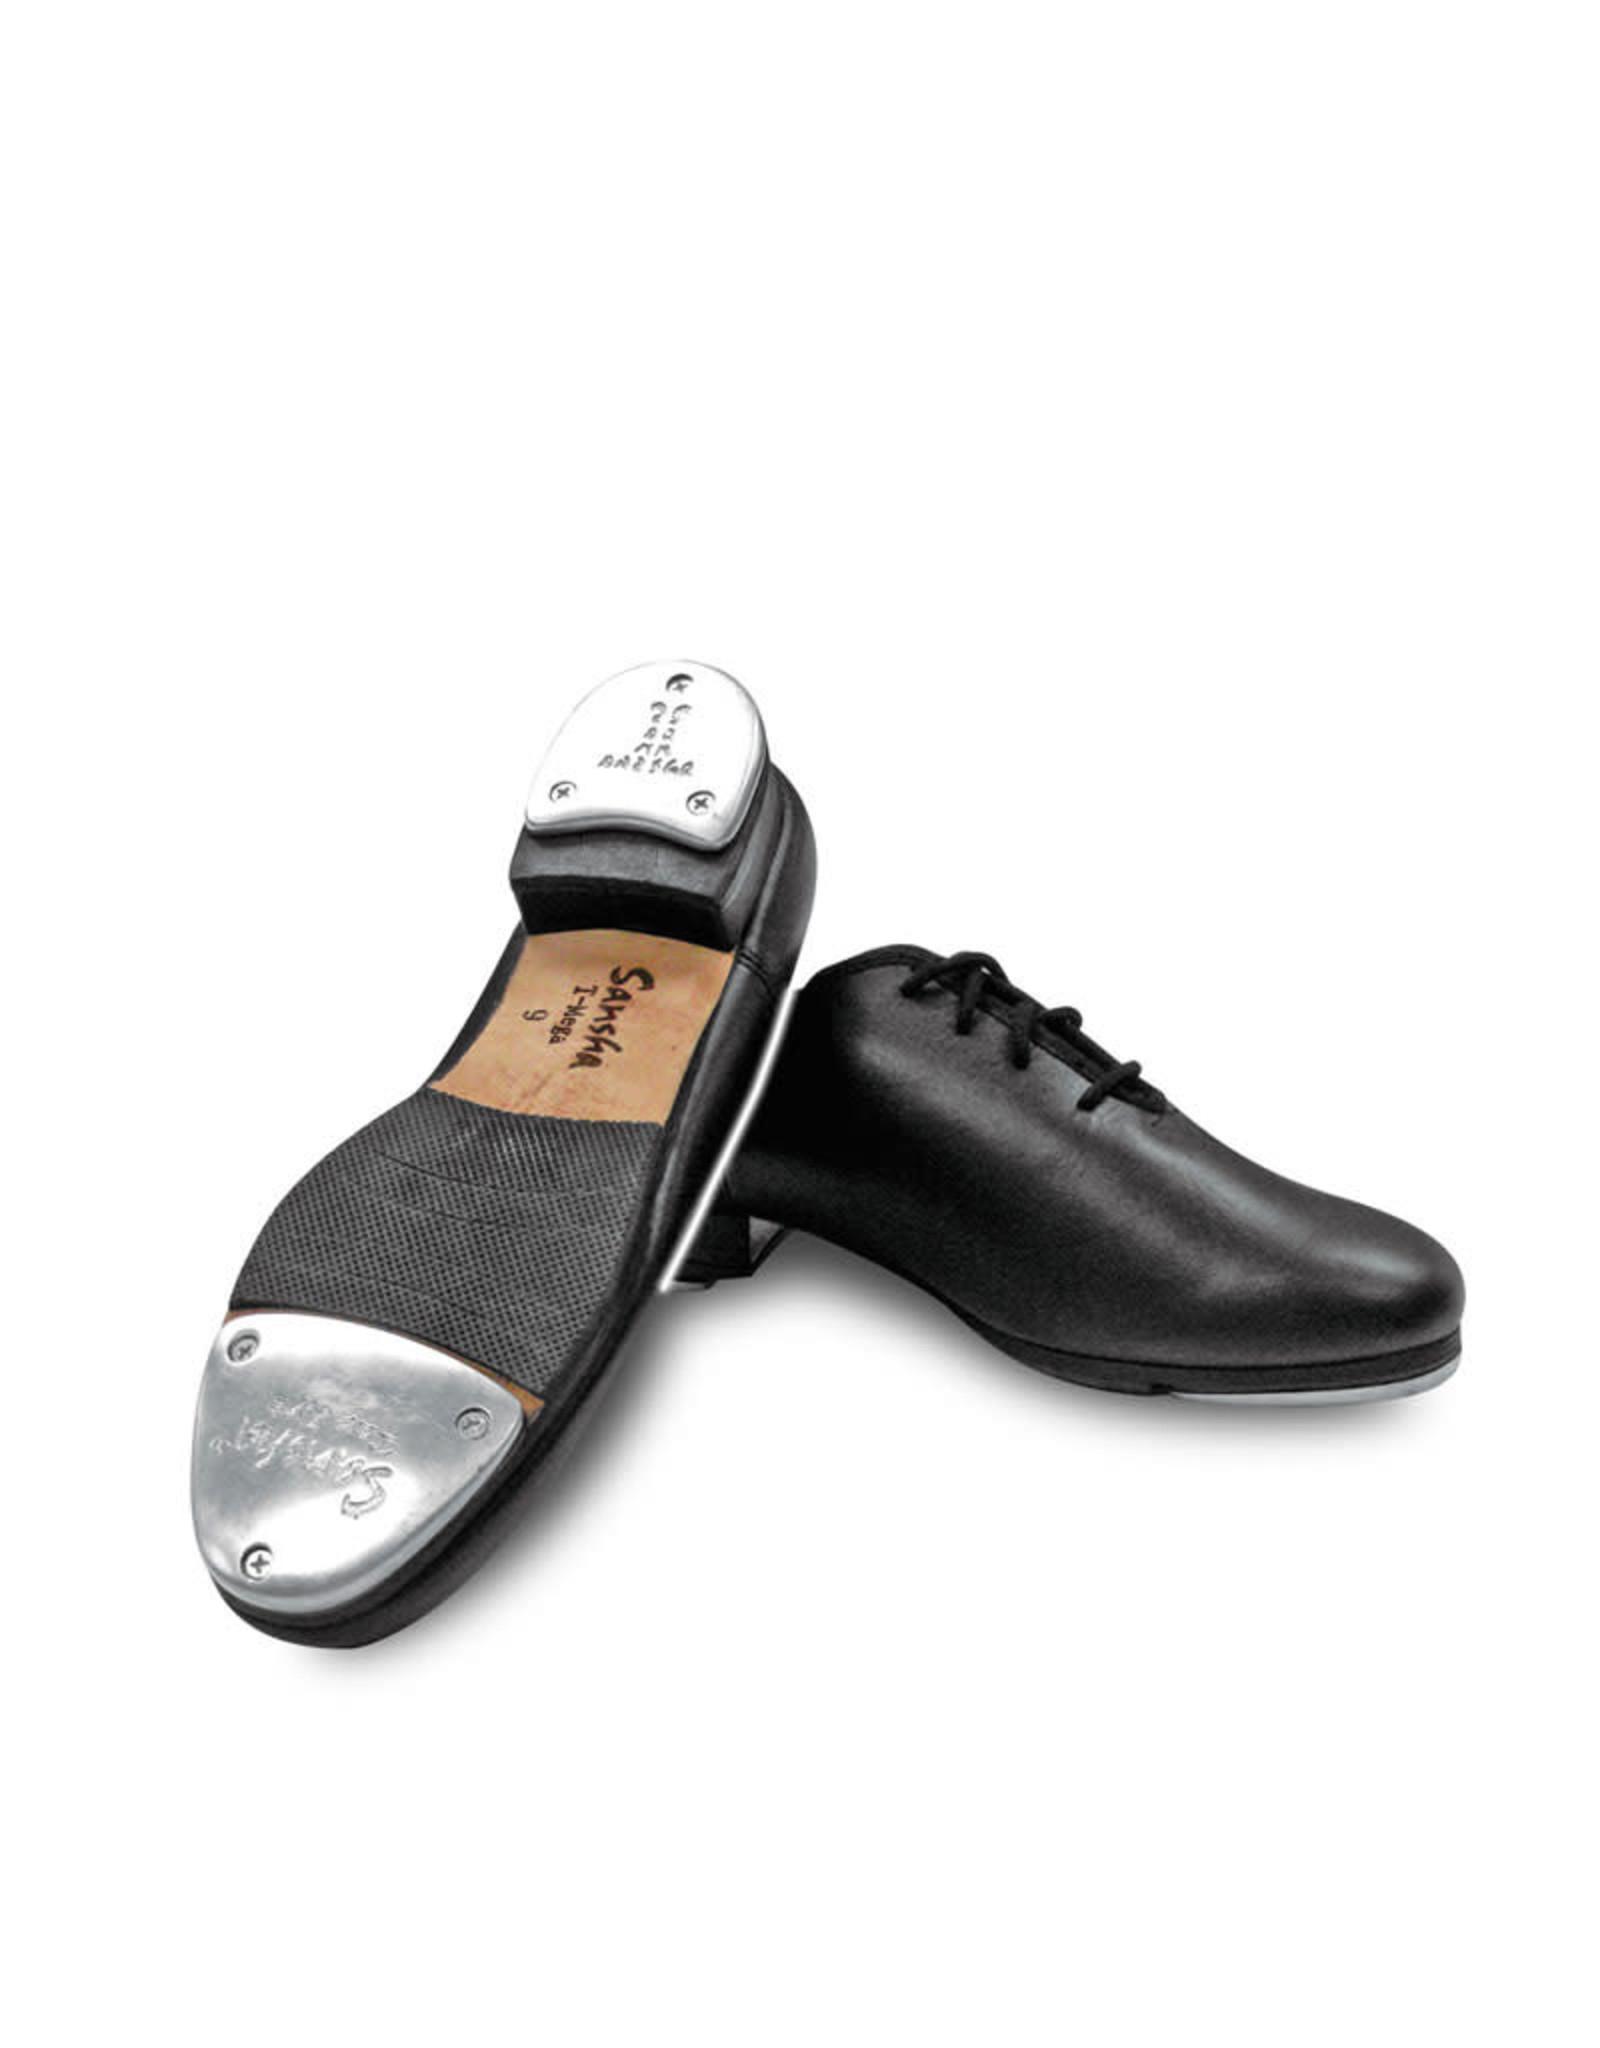 Sansha T-Mega Shoes TA08